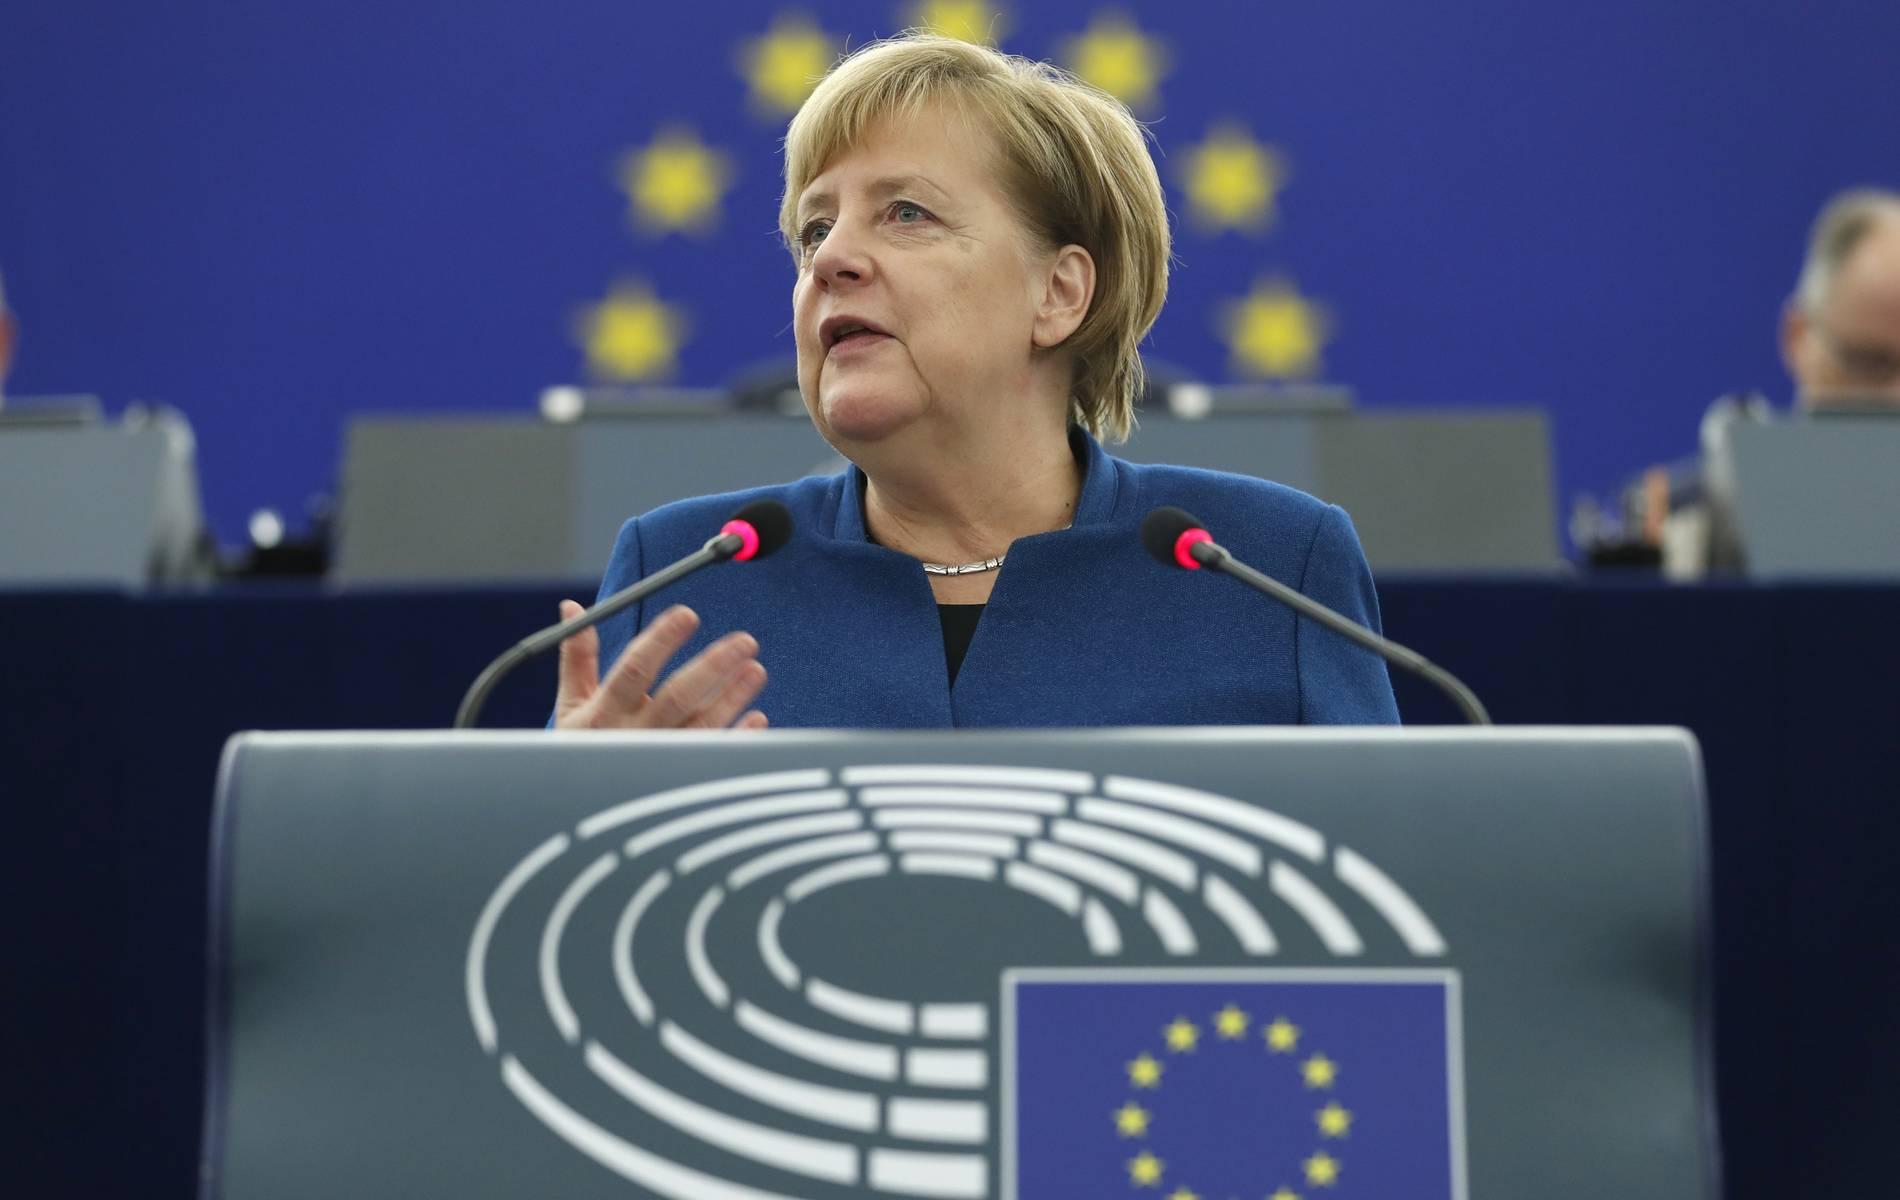 Angela Merkel plädiert für europäische Armee